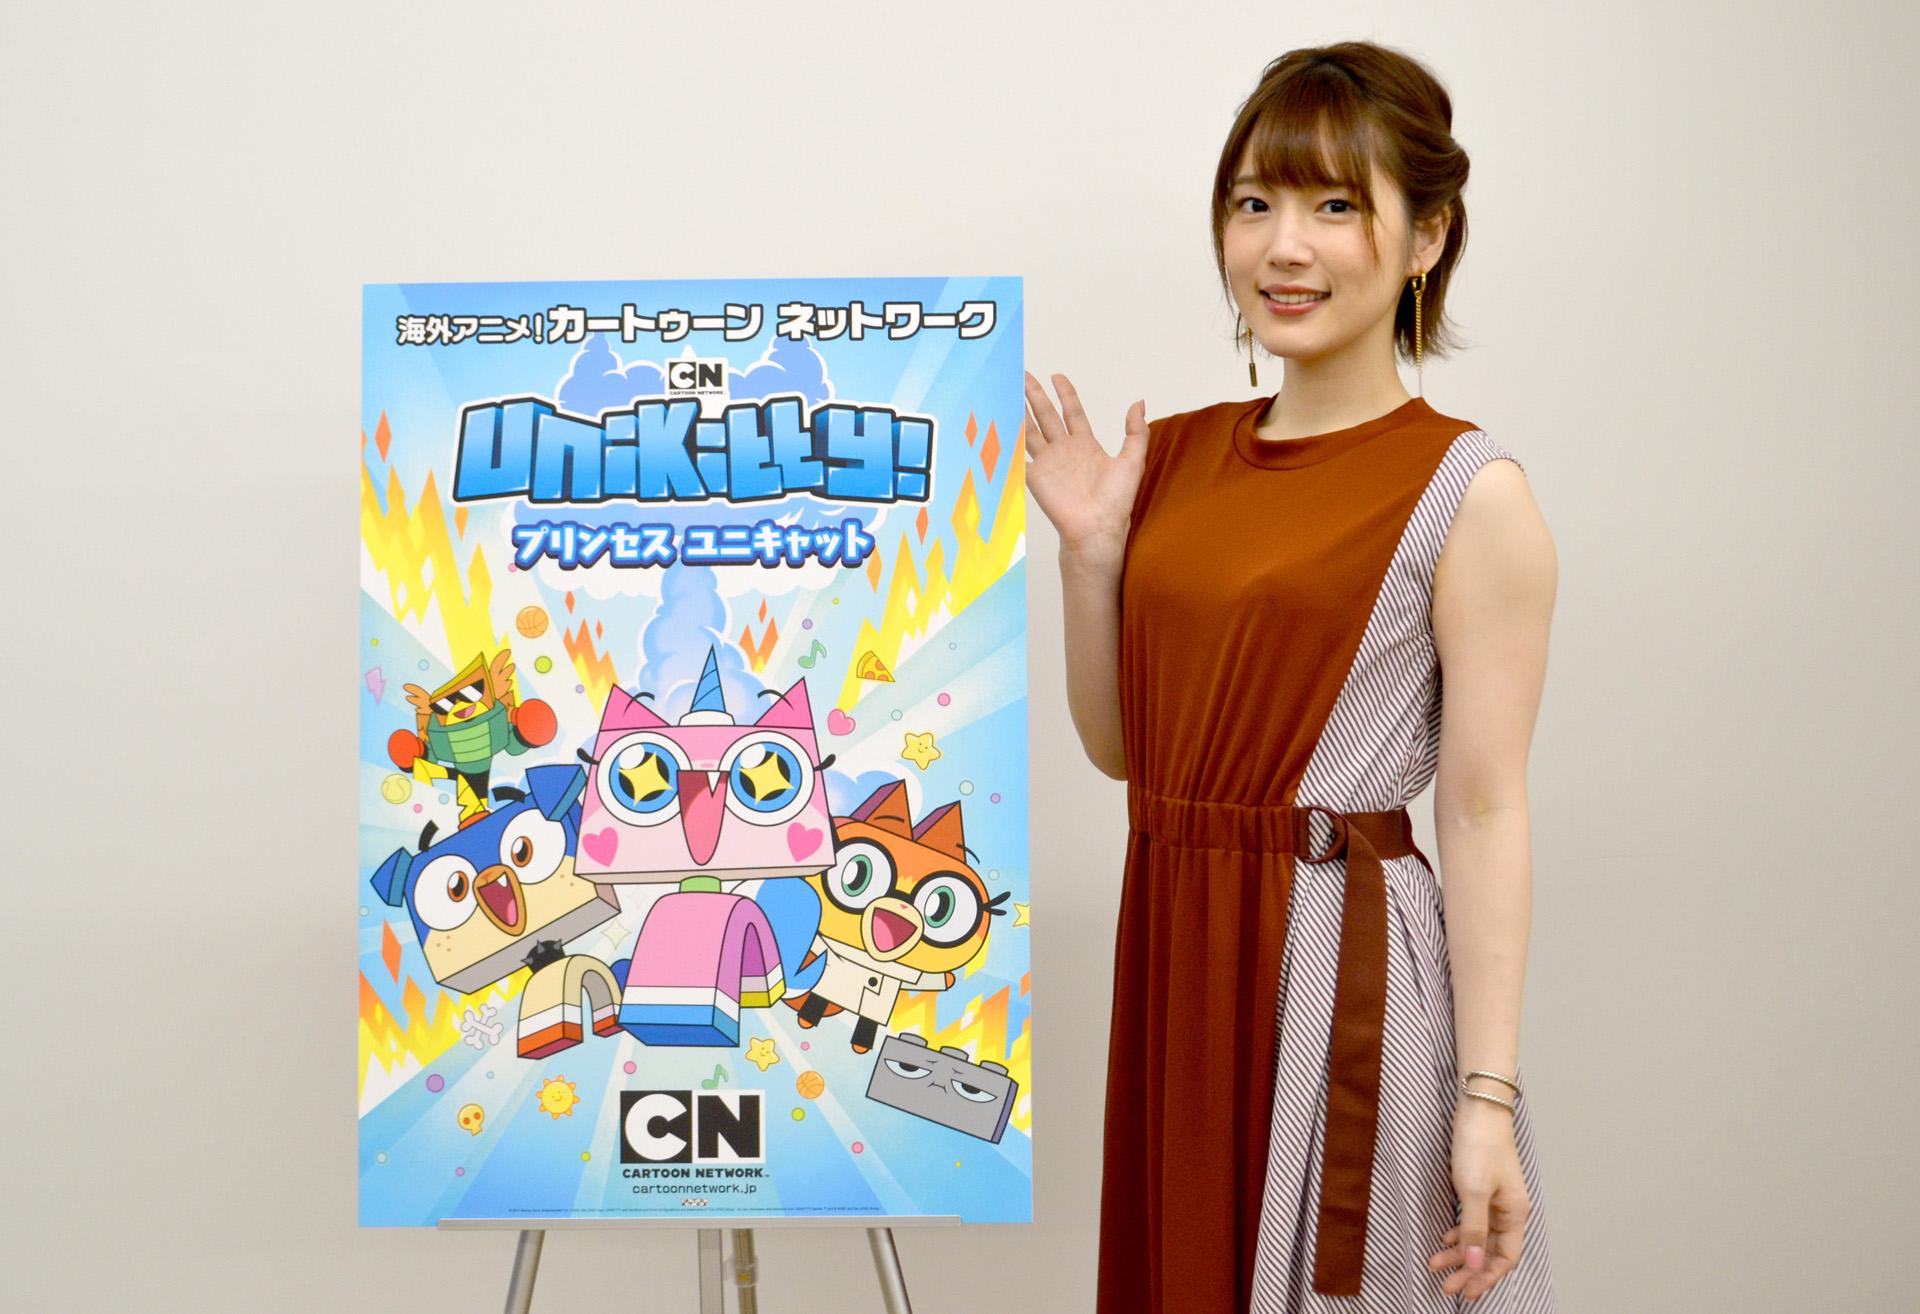 内田真礼が主人公の日本語吹替を担当!『プリンセス ユニキャット』6月3日、 日本初放送!